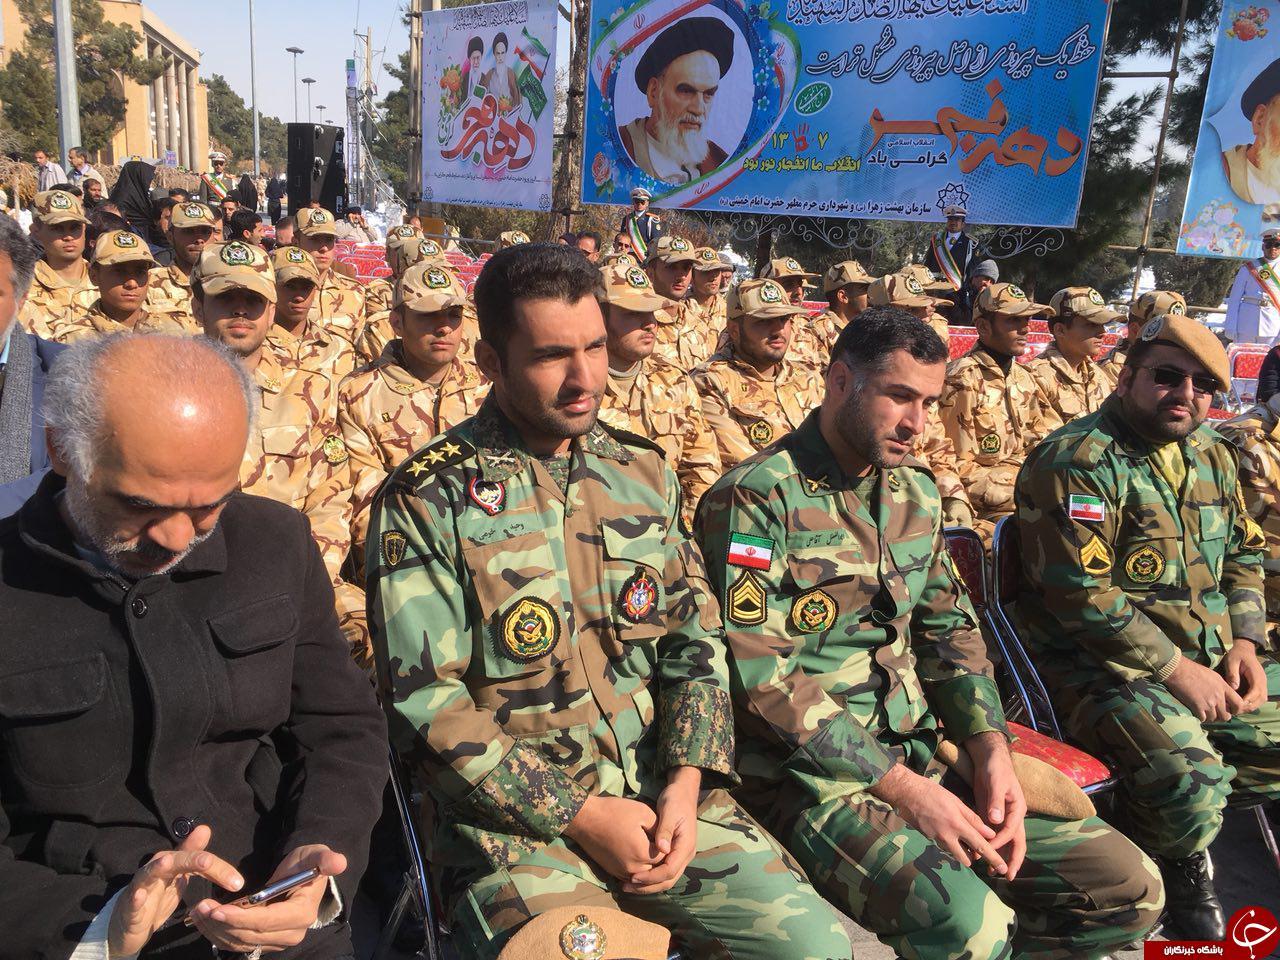 گلباران محل جلوس امام خمینی(ره) در گلزار شهدا + تصاویر